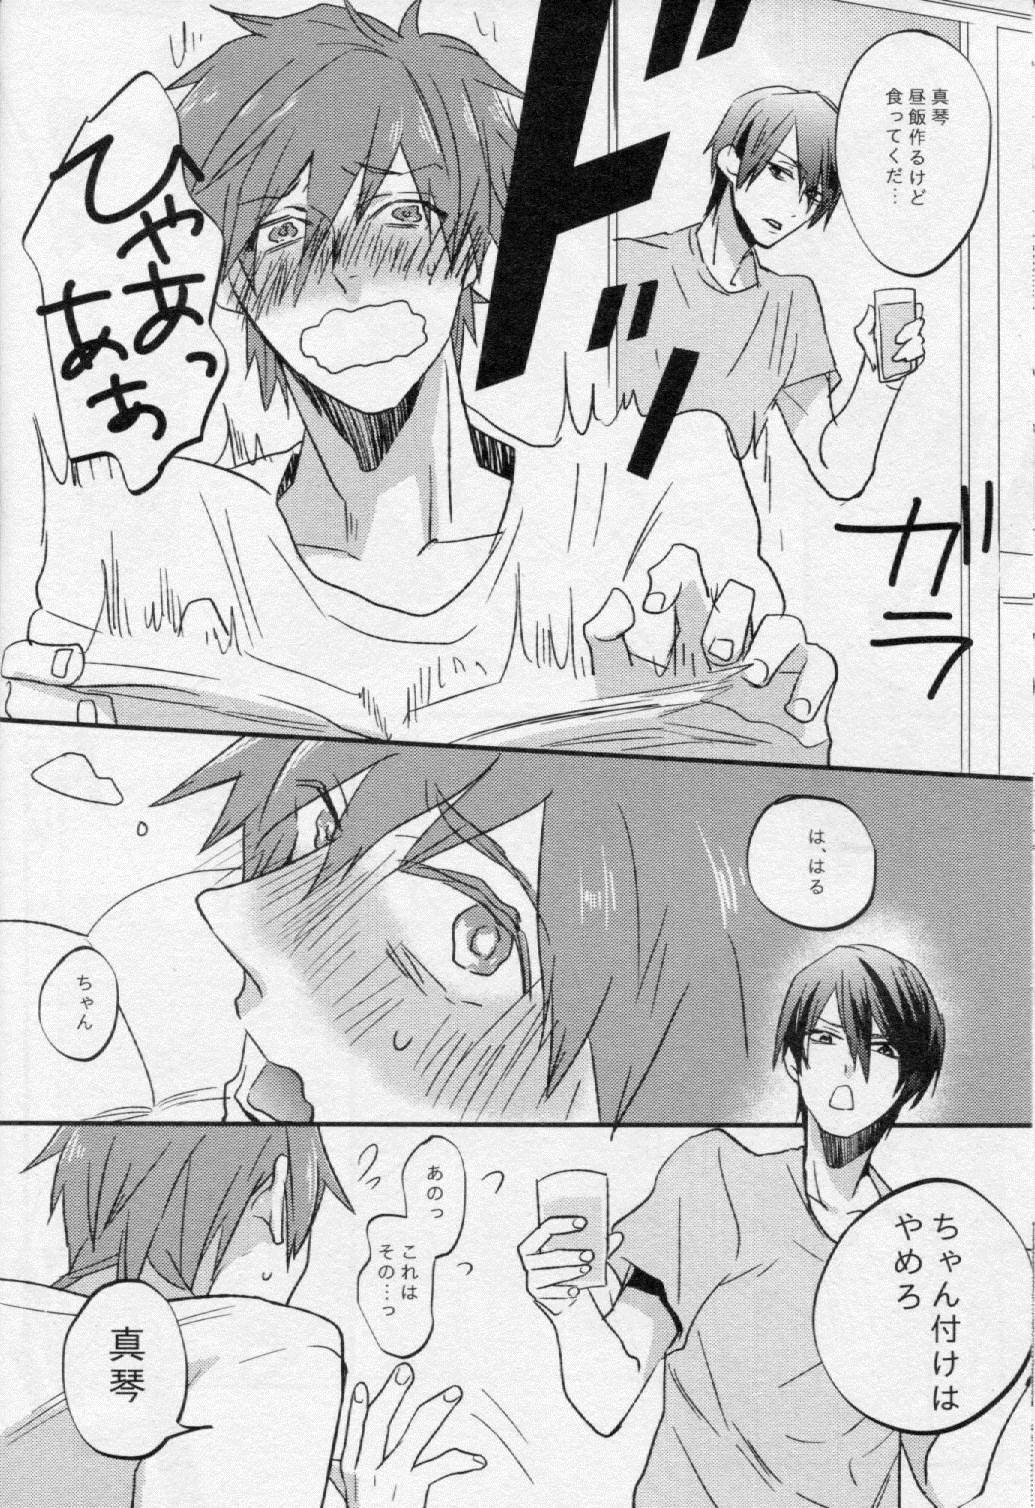 Tsumi to Batsu 4